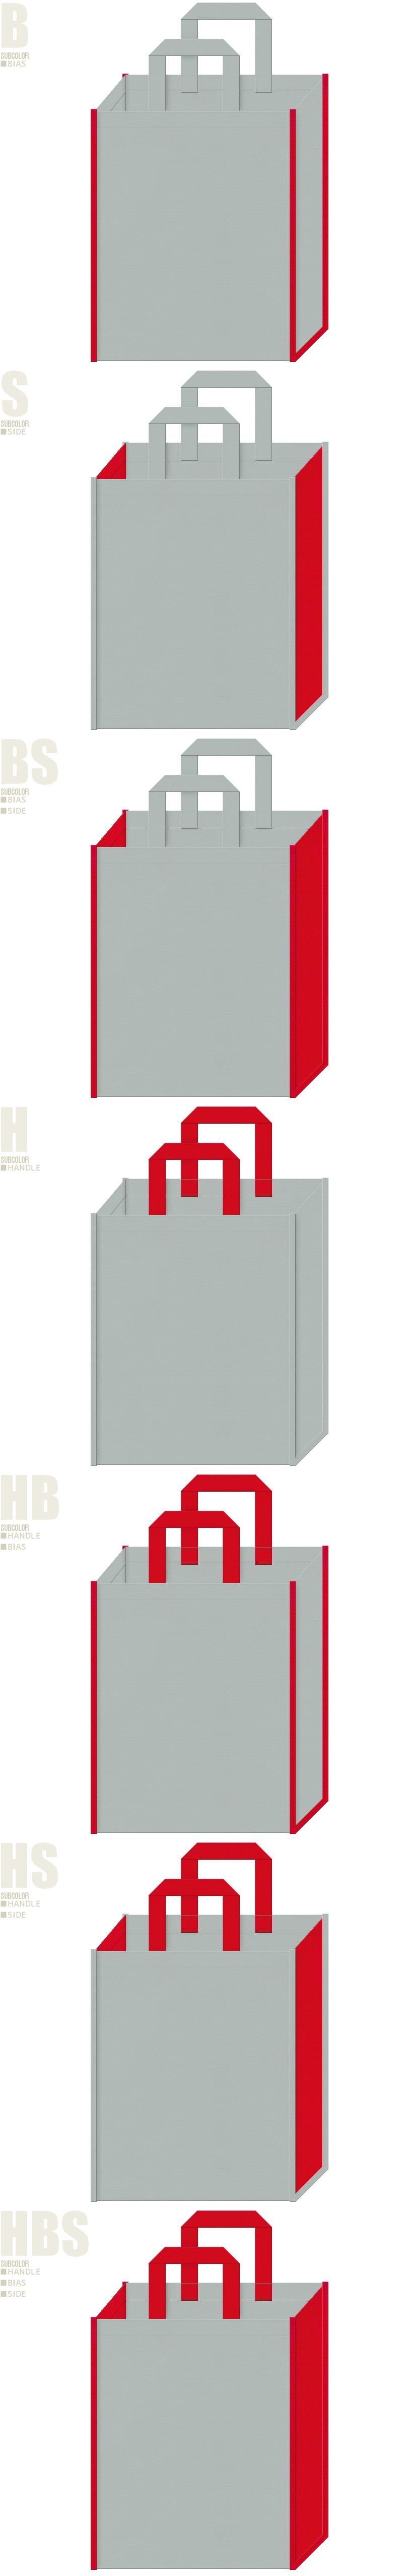 ロボット・ラジコン・プラモデル・ホビーの展示会用バッグにお奨めの不織布バッグデザイン:グレー色と紅色の配色7パターン